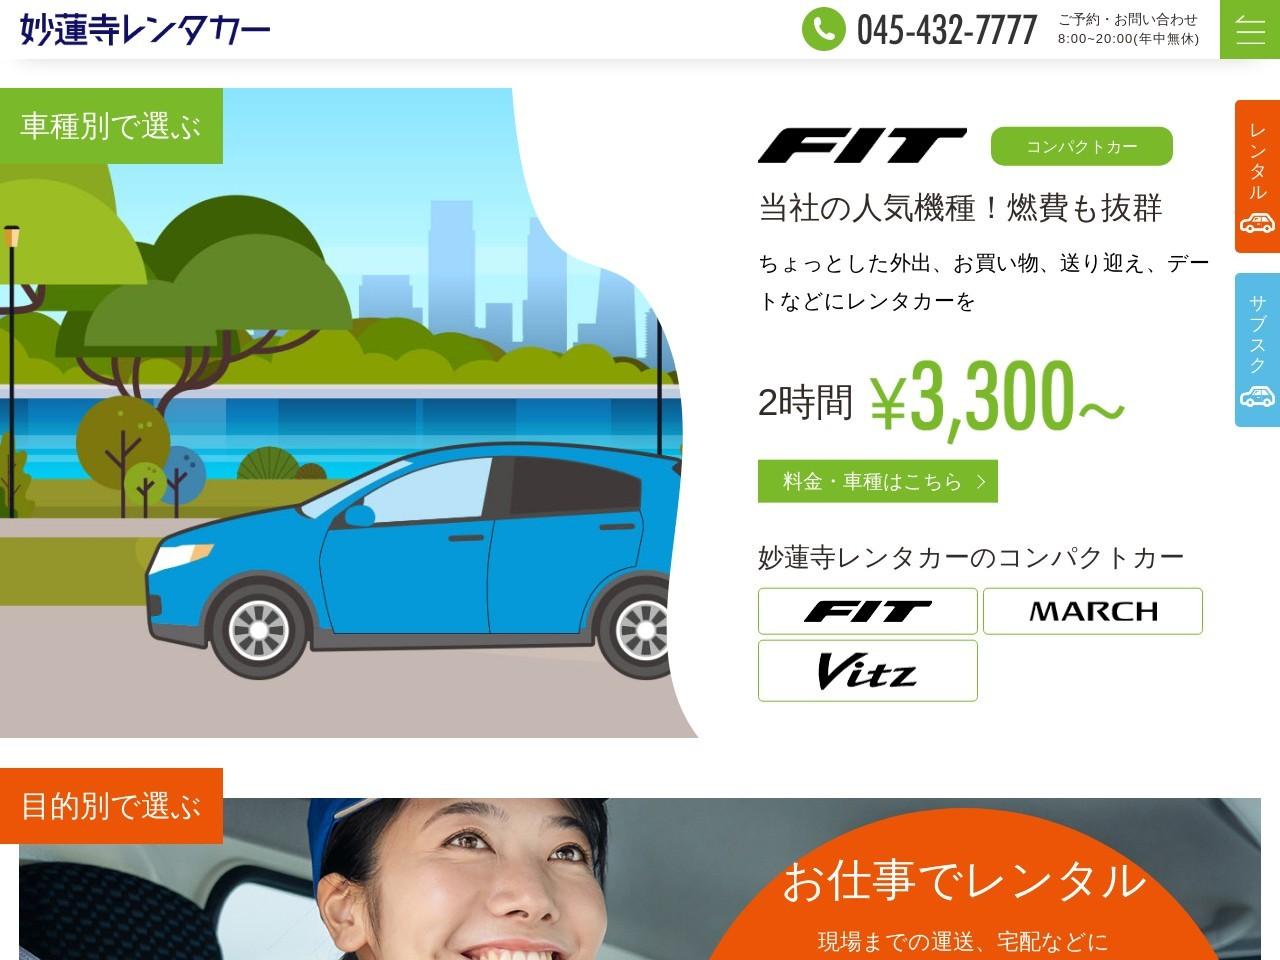 妙蓮寺レンタカー/本店